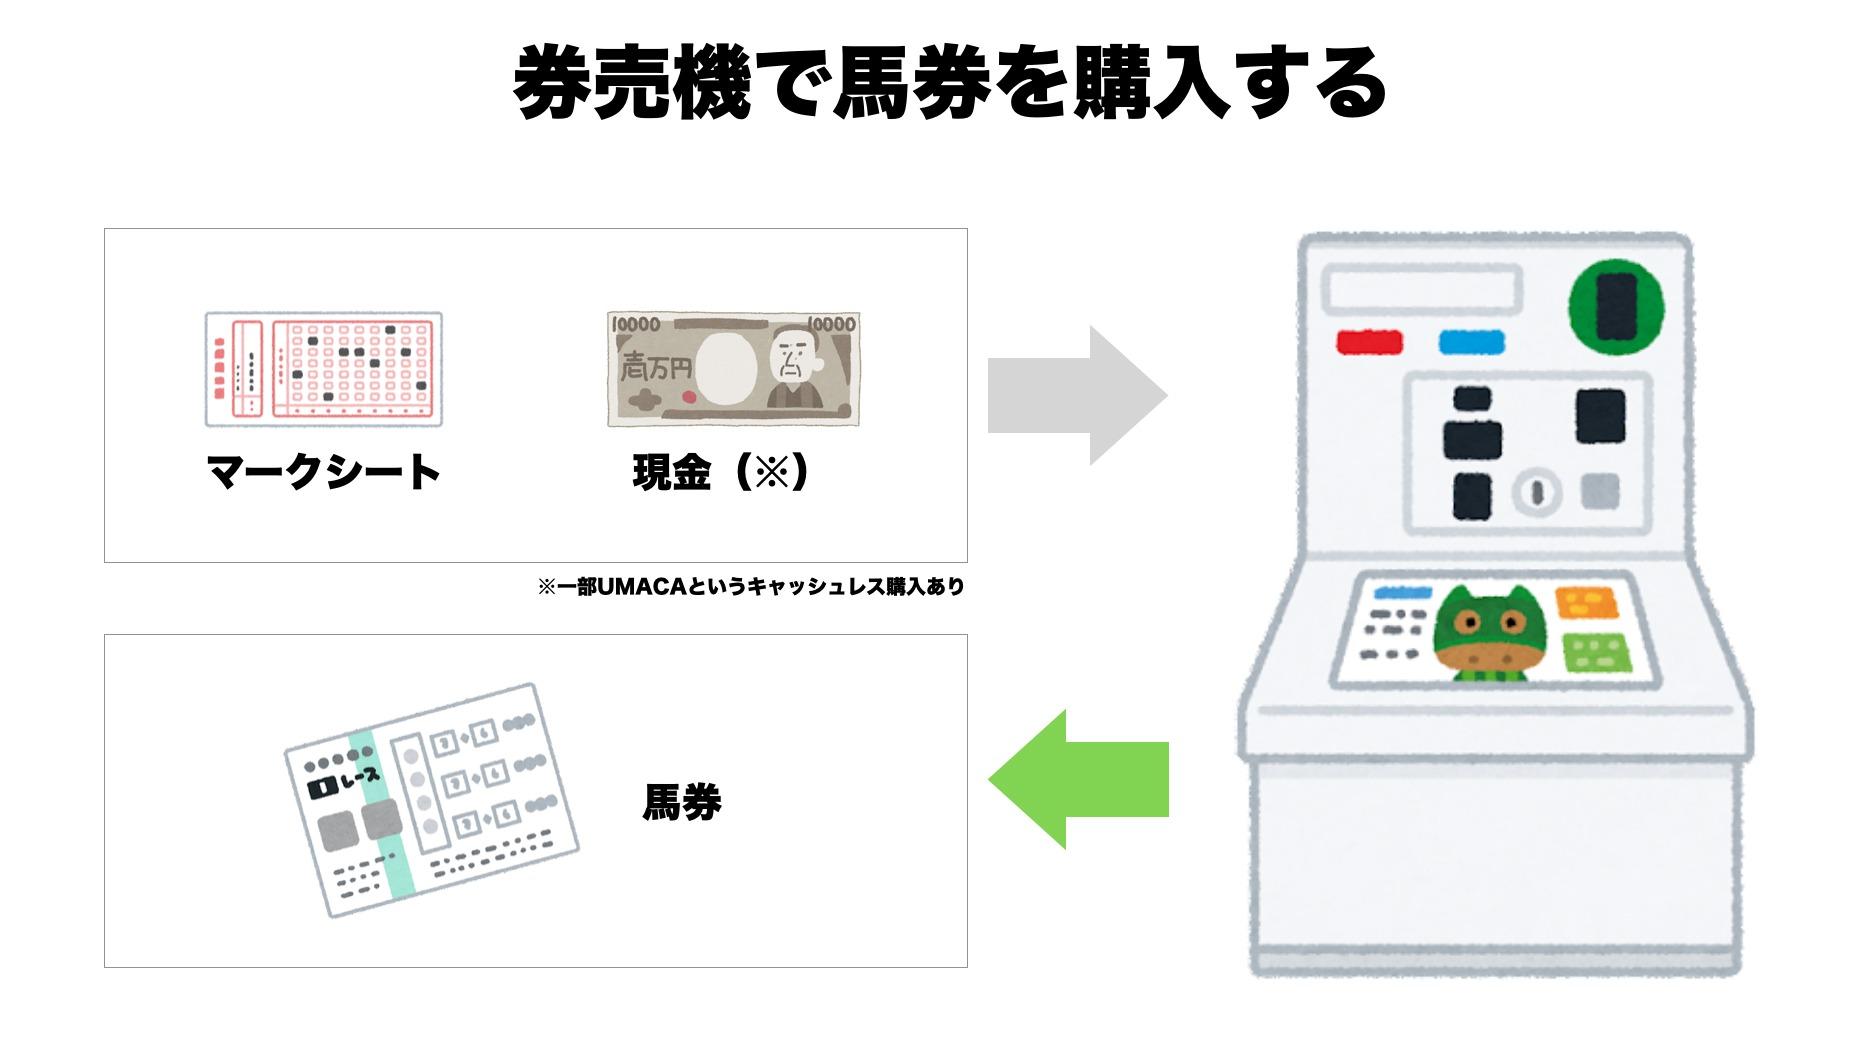 【初心者向け図解】馬券の購入方法と馬券の種類まとめ2